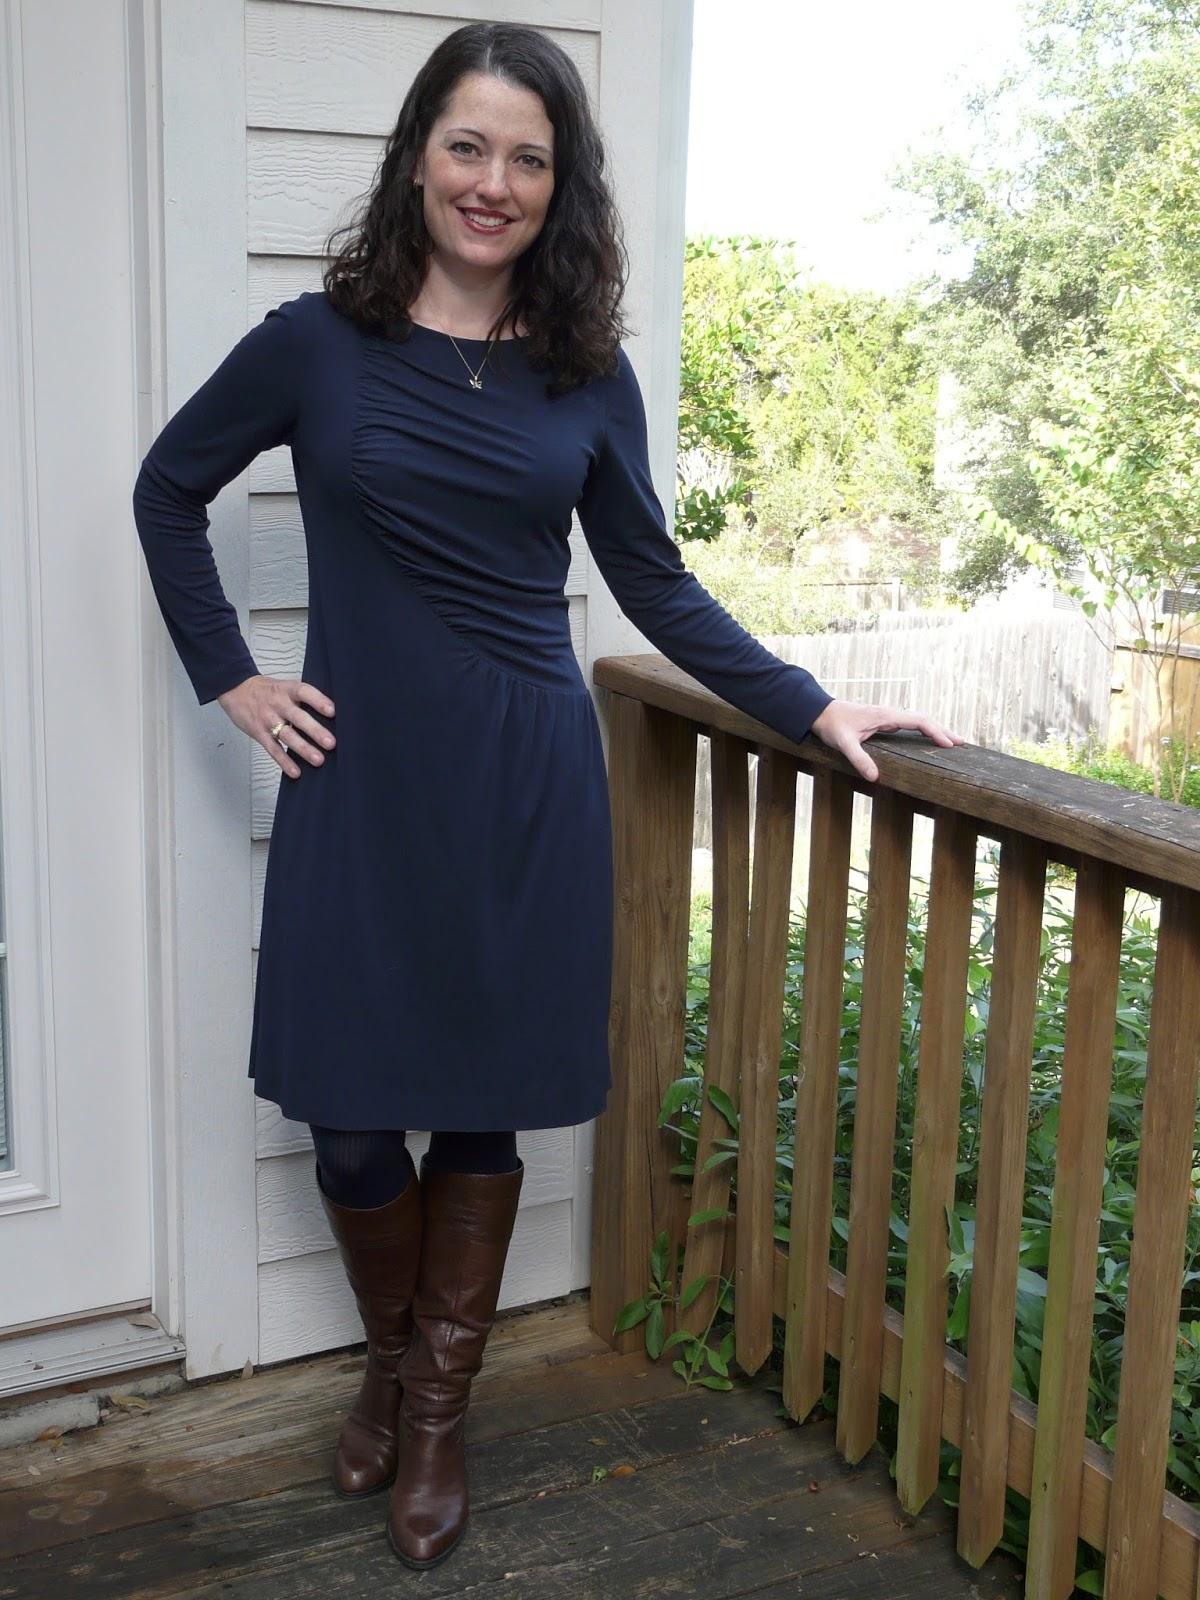 Vogue 1283 Navy Viscose Knit Asymmetric Dress Amandas